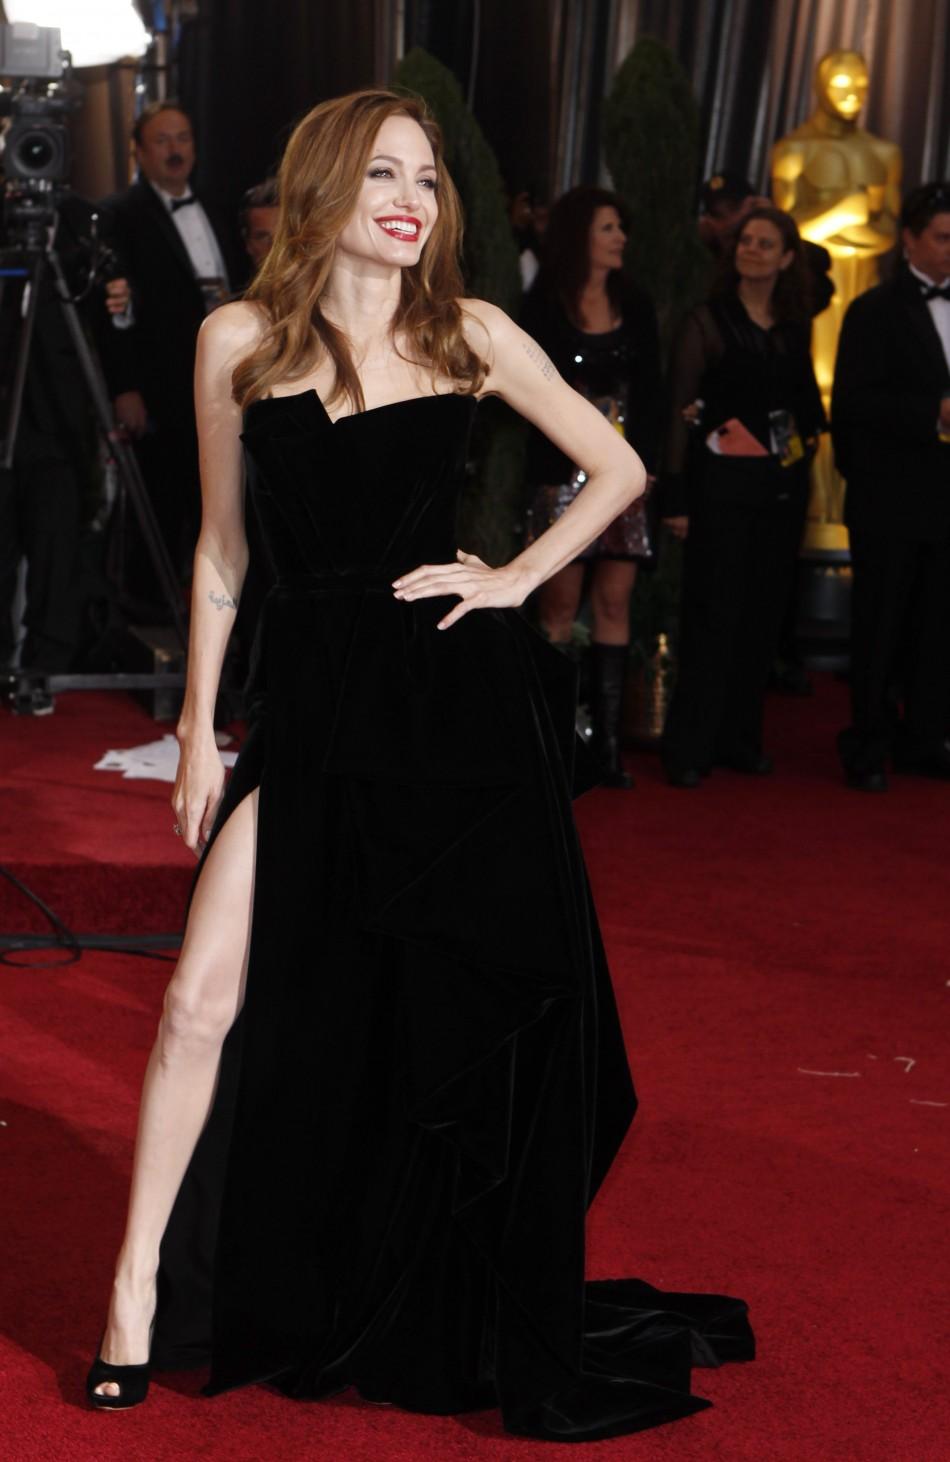 Angelina Jolie No-show in Cannes, Postpones Wedding